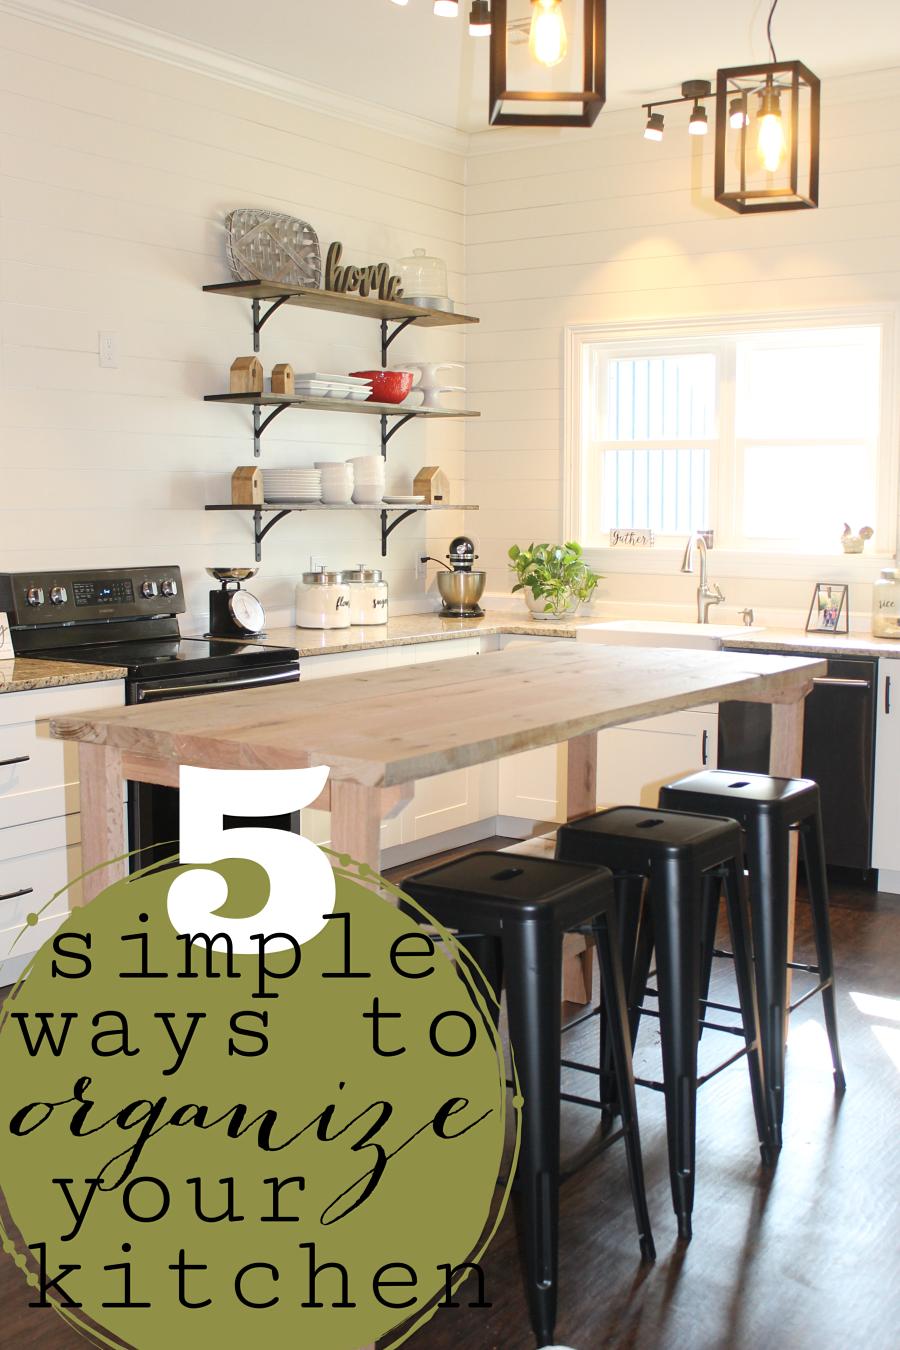 DIY Kitchen Storage: 5 simple ways to organize your kitchen